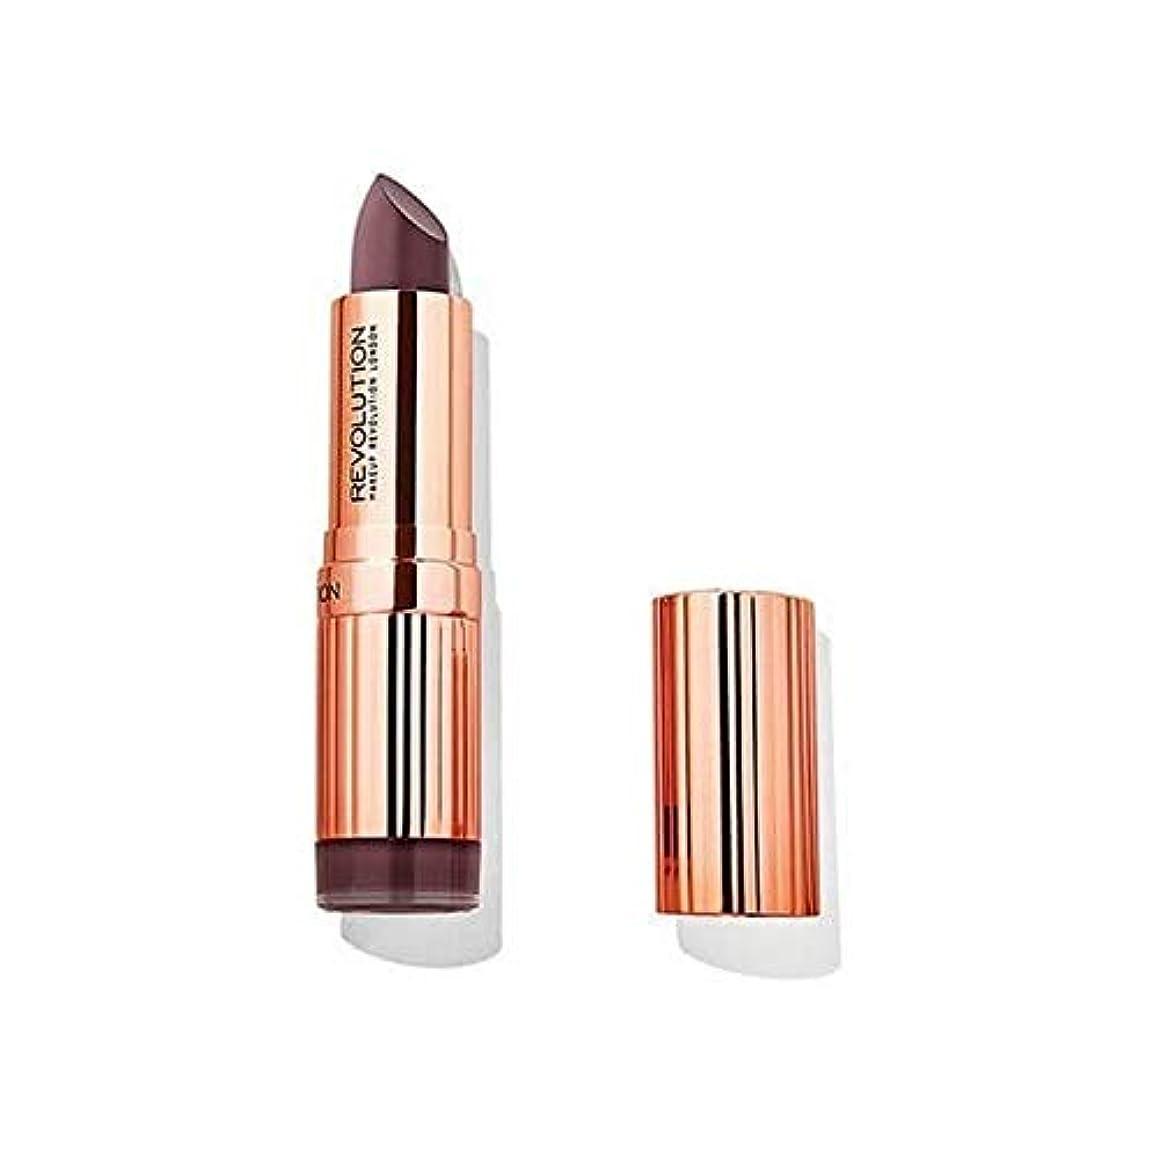 統合するダーベビルのテス夫[Revolution ] 革命ルネサンス口紅買収 - Revolution Renaissance Lipstick Takeover [並行輸入品]